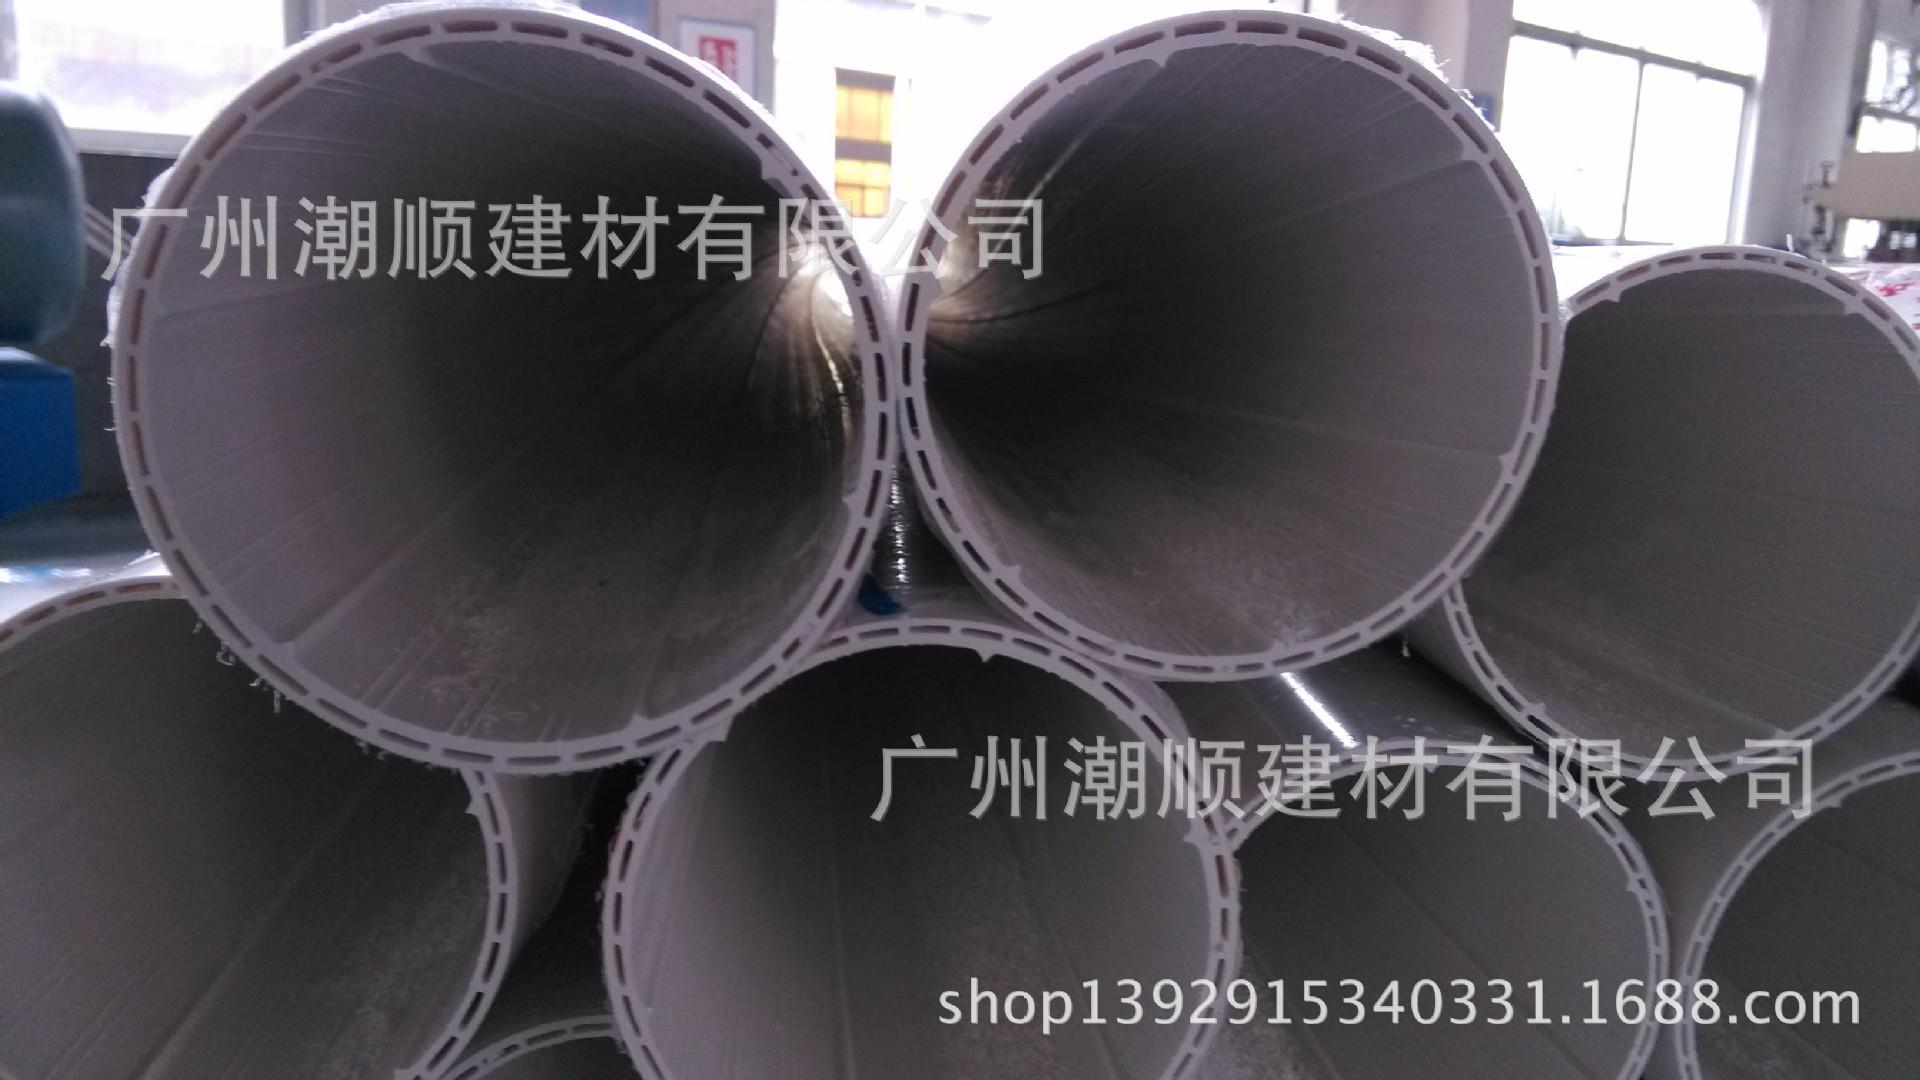 螺旋消音管 排水管 建筑排水管 upvc110 中空壁螺旋 阿里巴巴